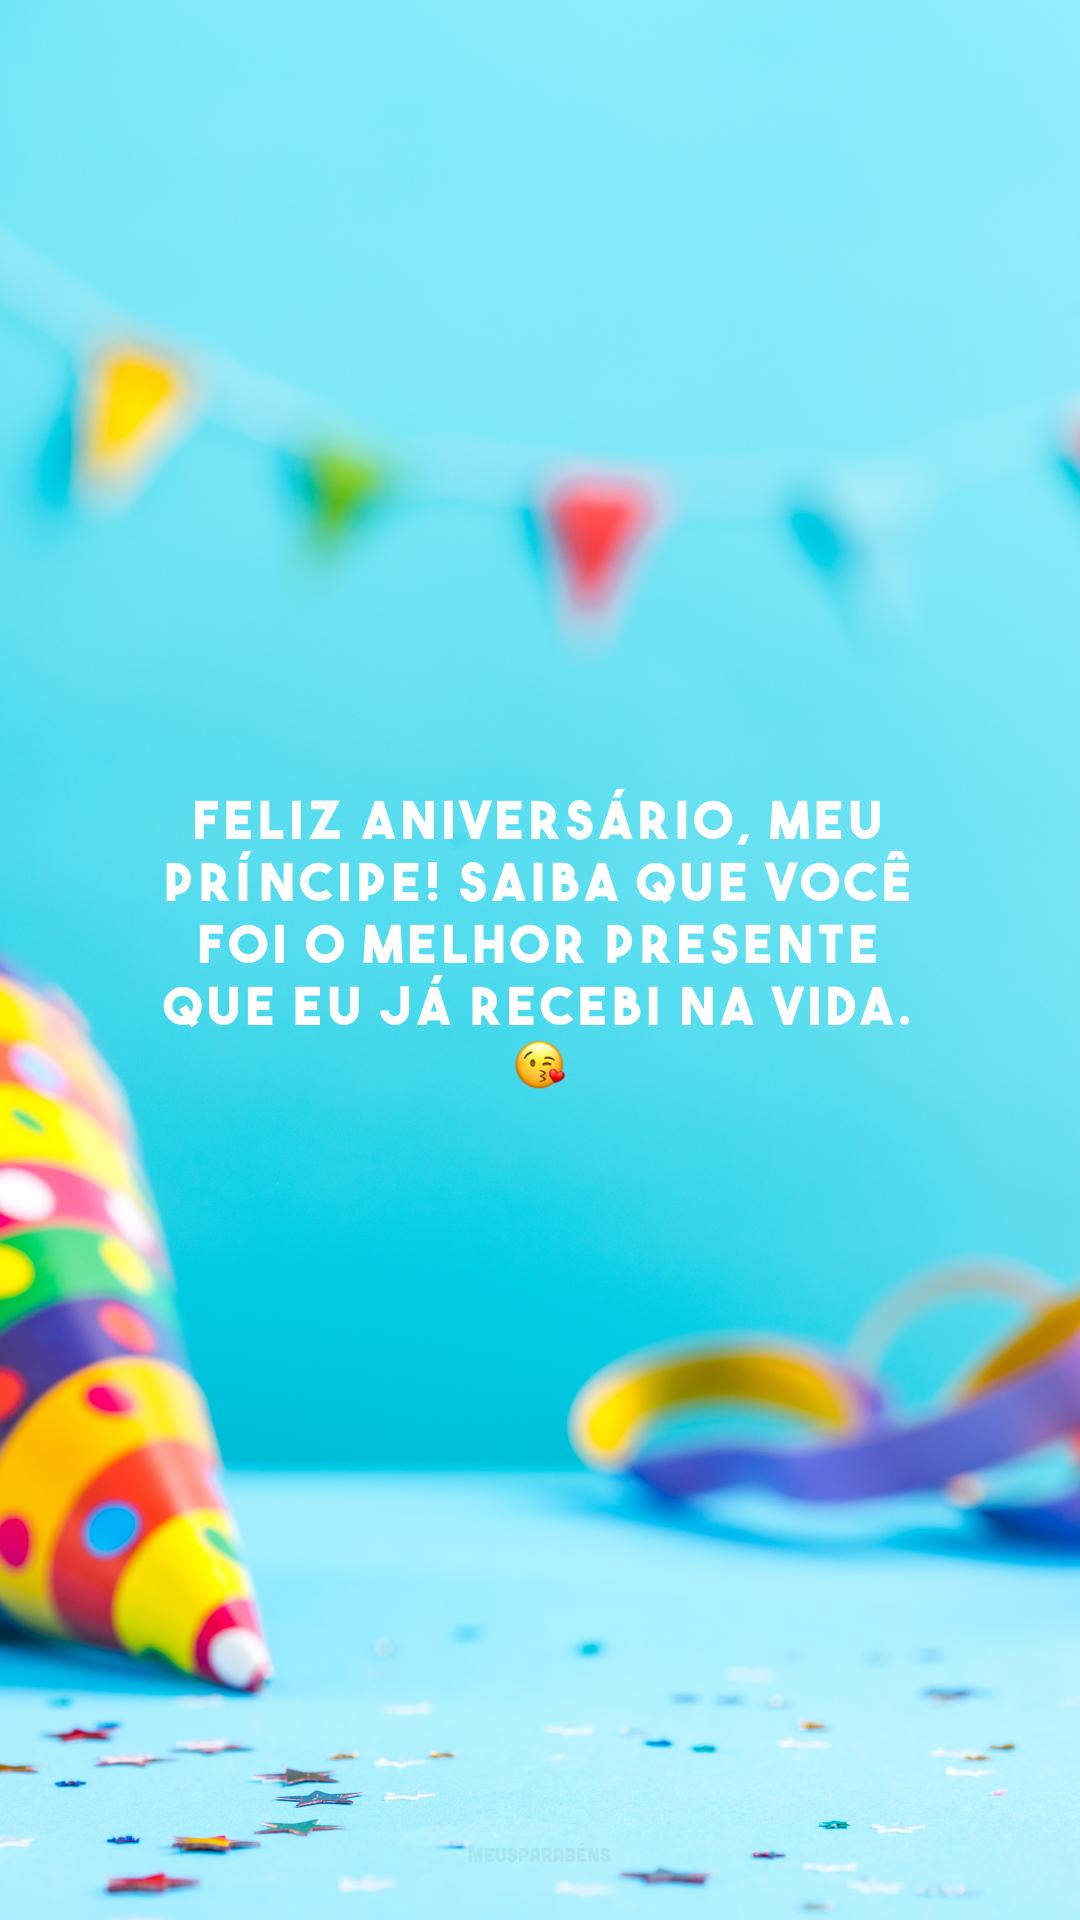 Feliz aniversário, meu príncipe! Saiba que você foi o melhor presente que eu já recebi na vida. 😘